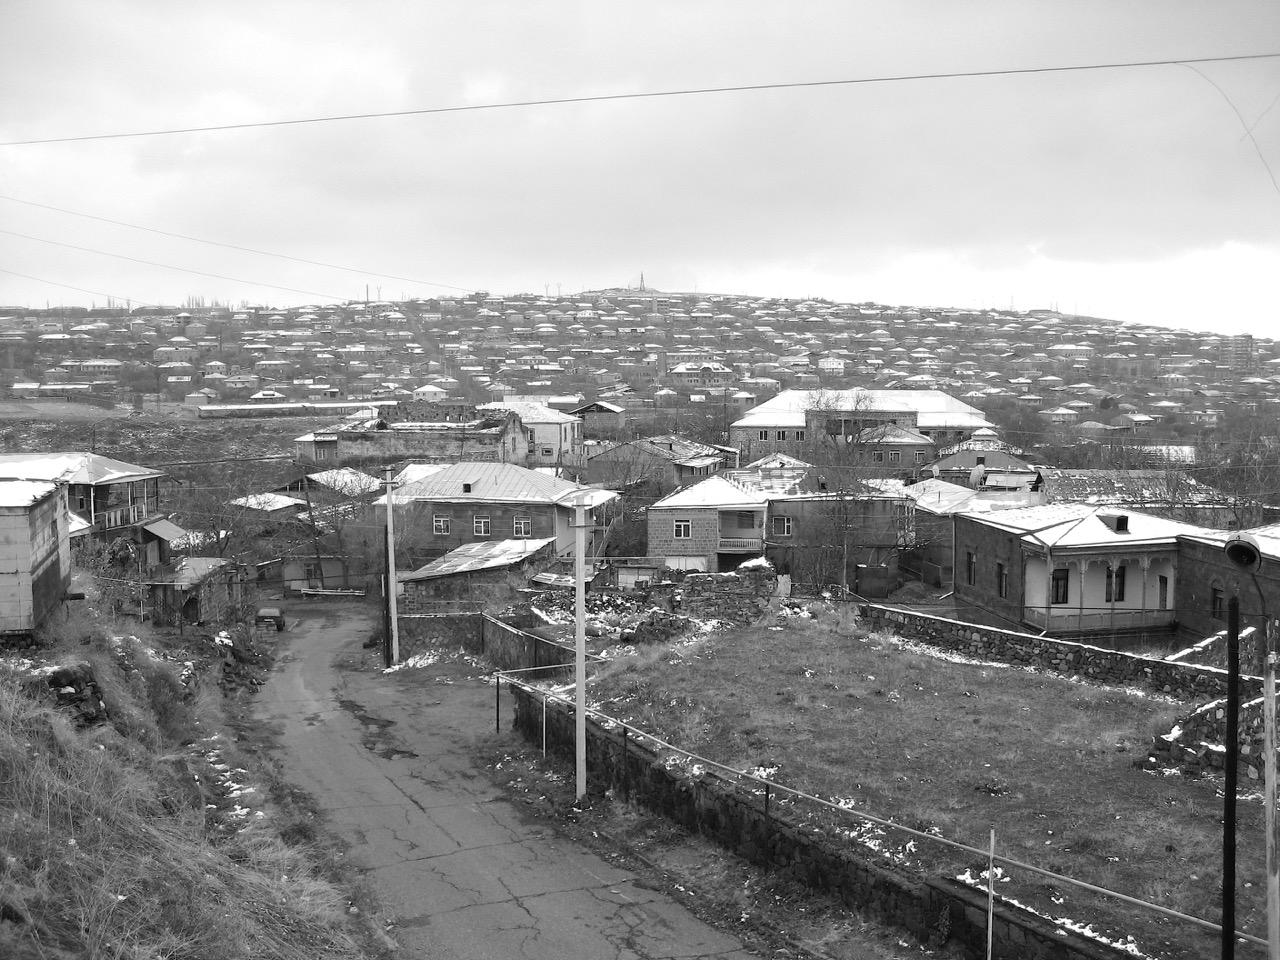 Foto: Unterwegs. Aus: Eriwan. Kapitel 5. Aufzeichnungen aus Armenien von Marc Degens.